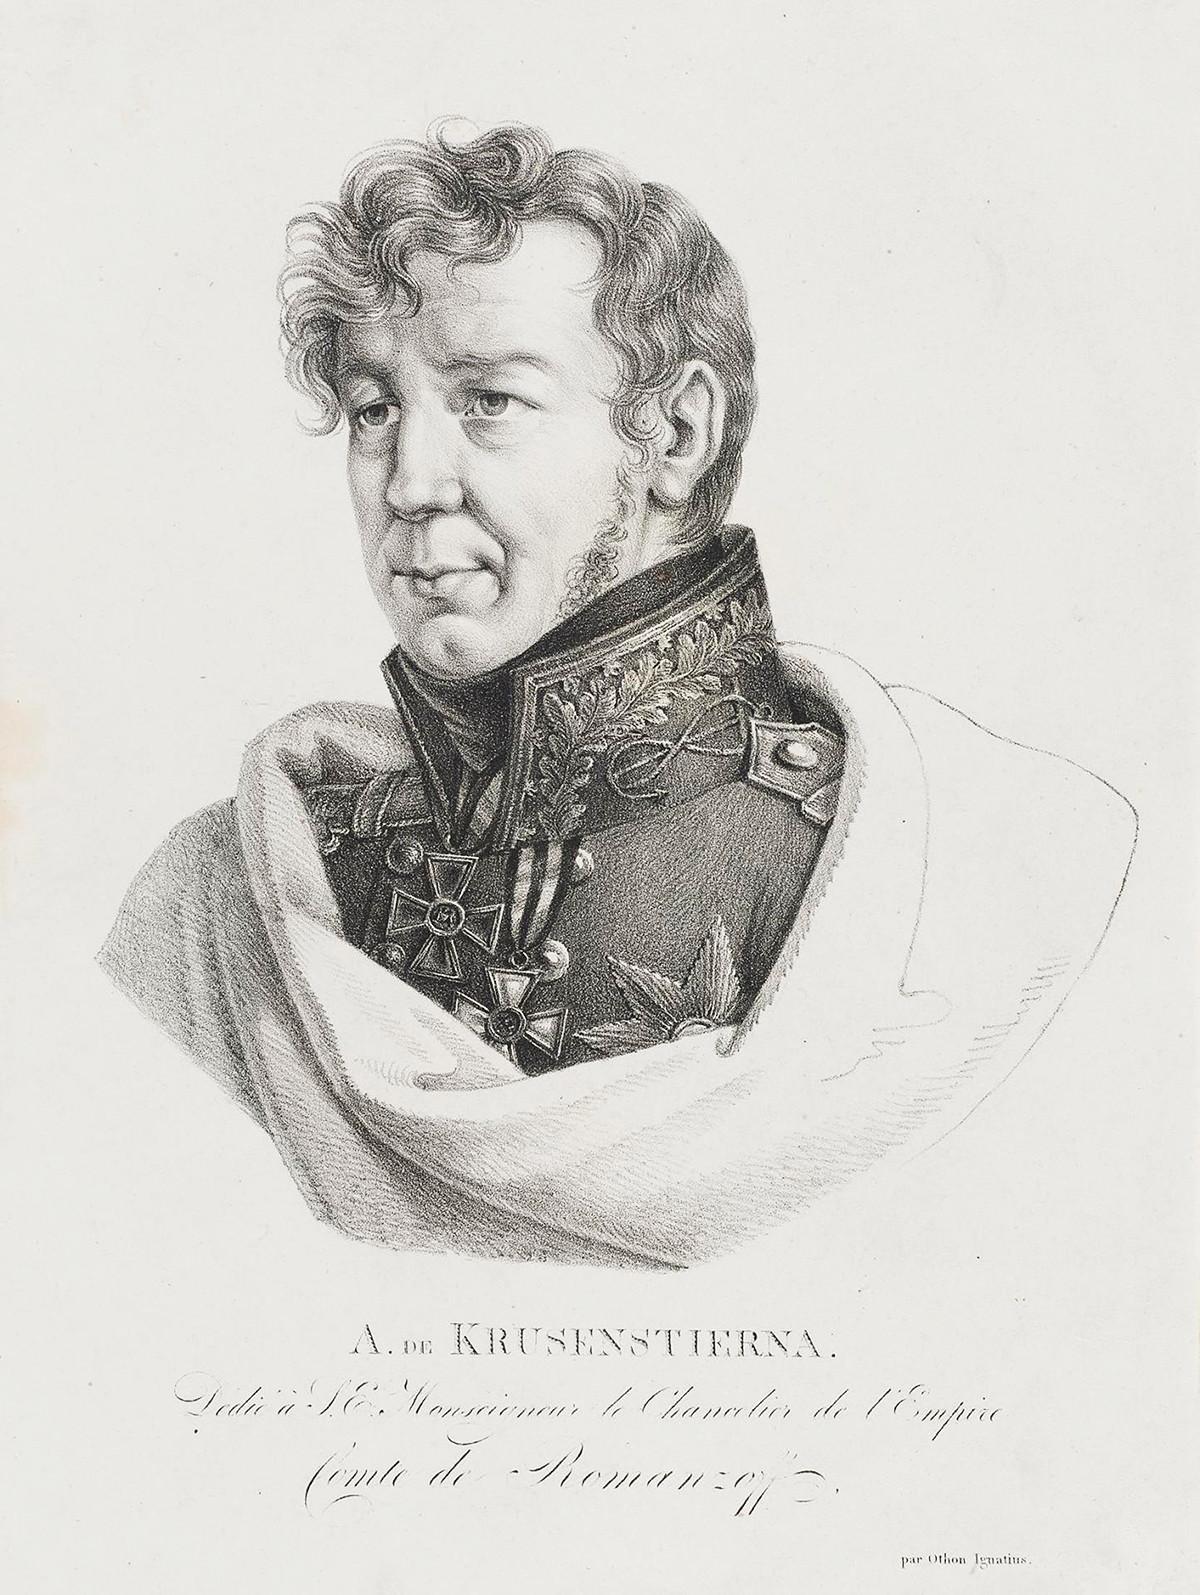 Адмирал Крузенщерн (1770-1846)